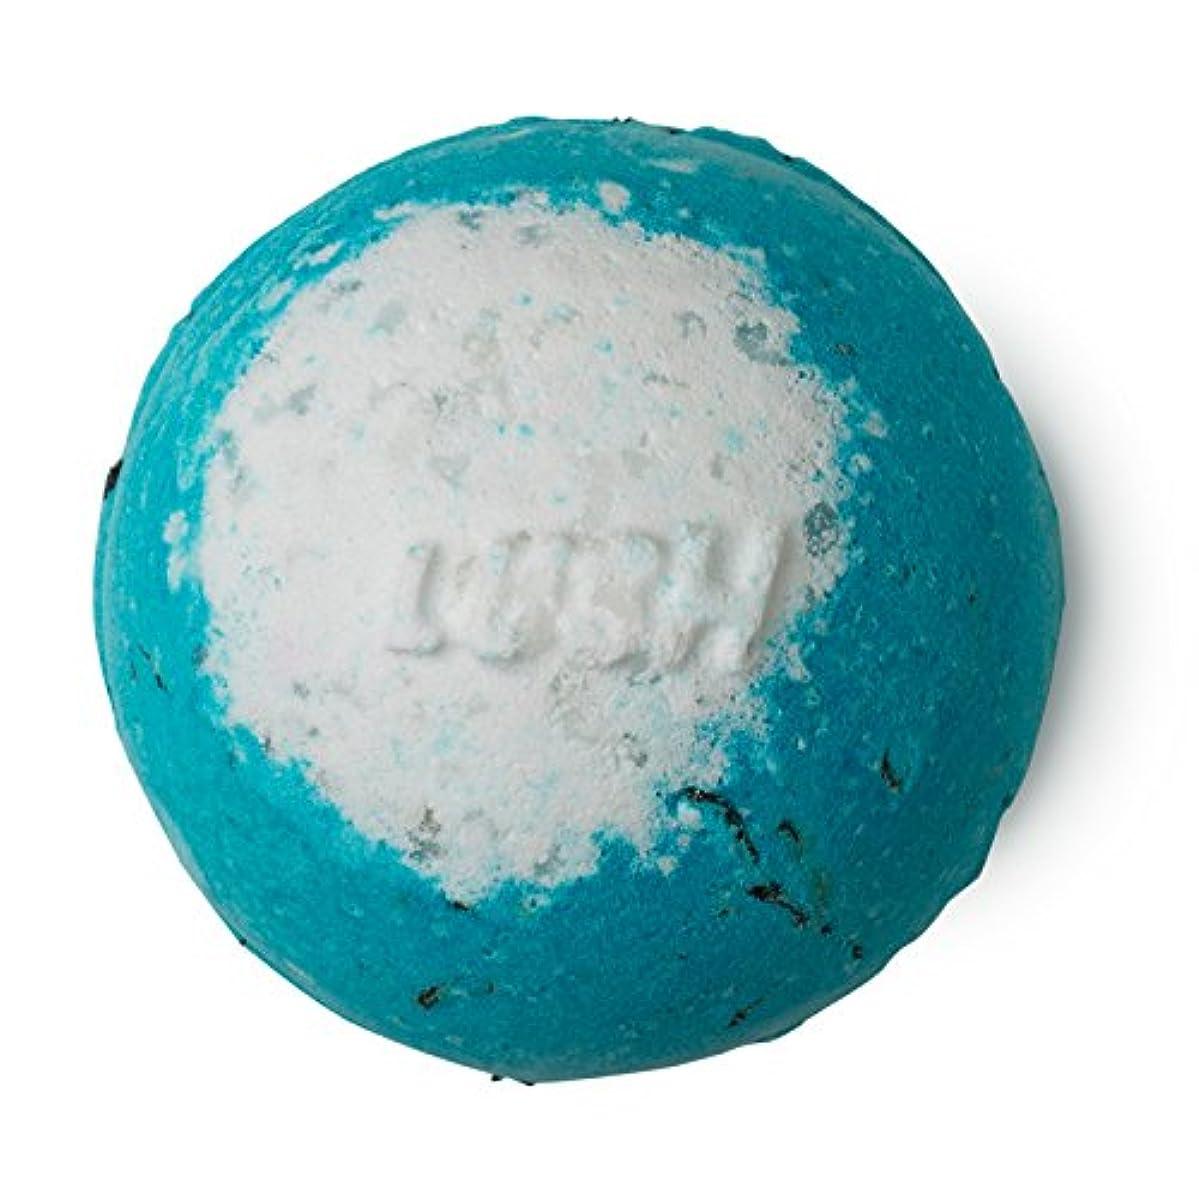 ラブ俳優密度LUSH ラッシュ RUSHラッシュ 200g バスボム 浴用 シーソルト 入浴剤 ラベンダーオイル 入浴剤 ギフト